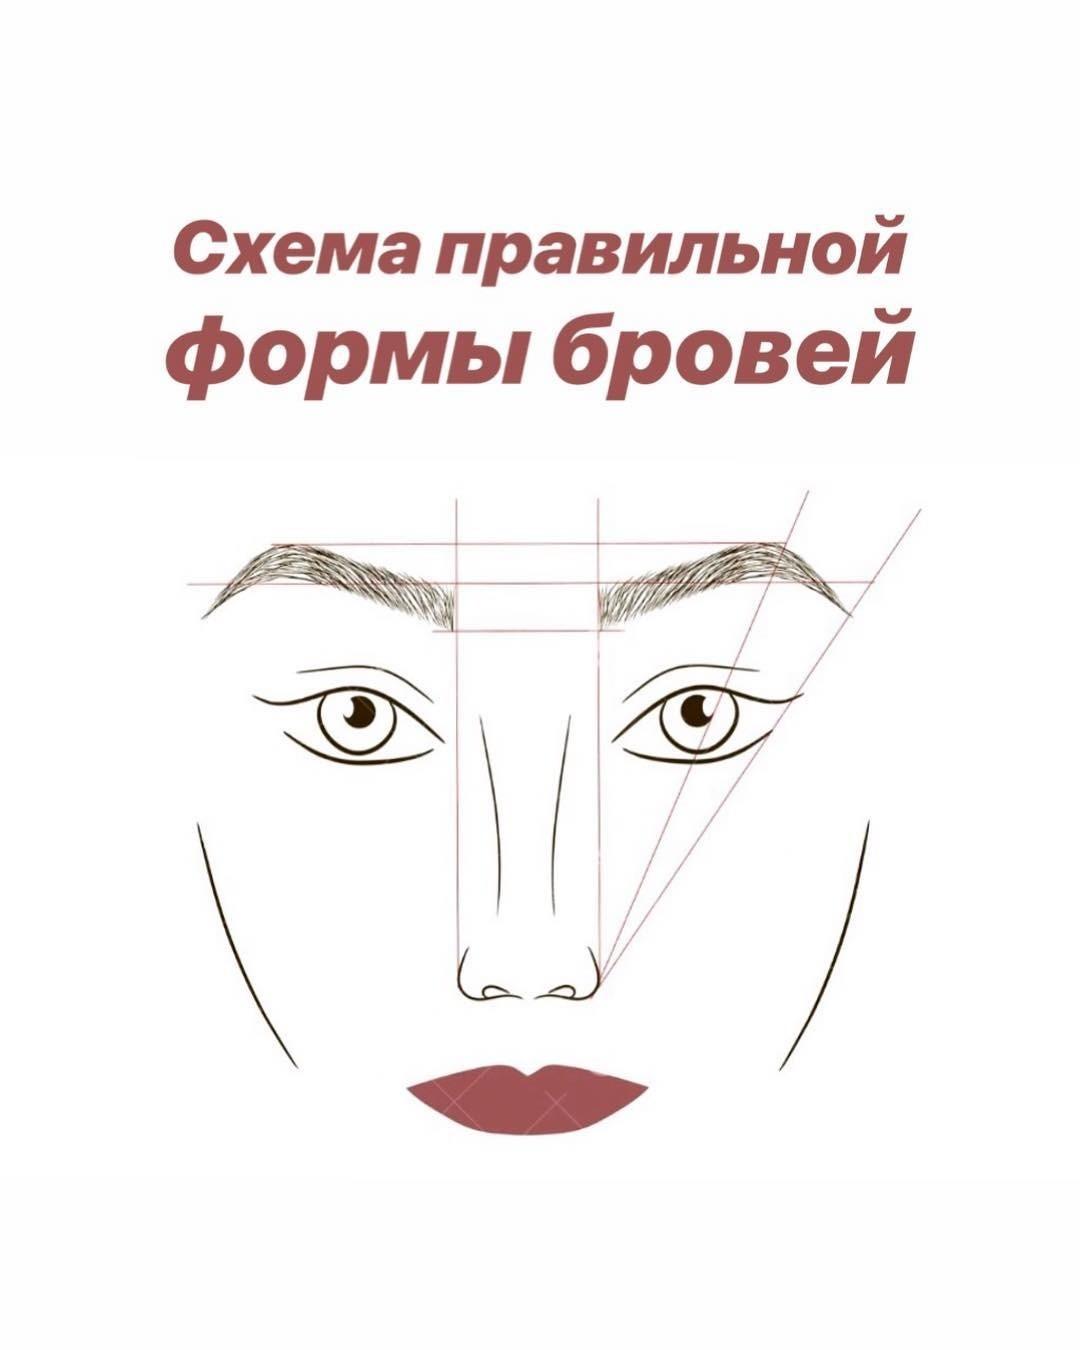 Как правильно рисовать брови: самая полная инструкция